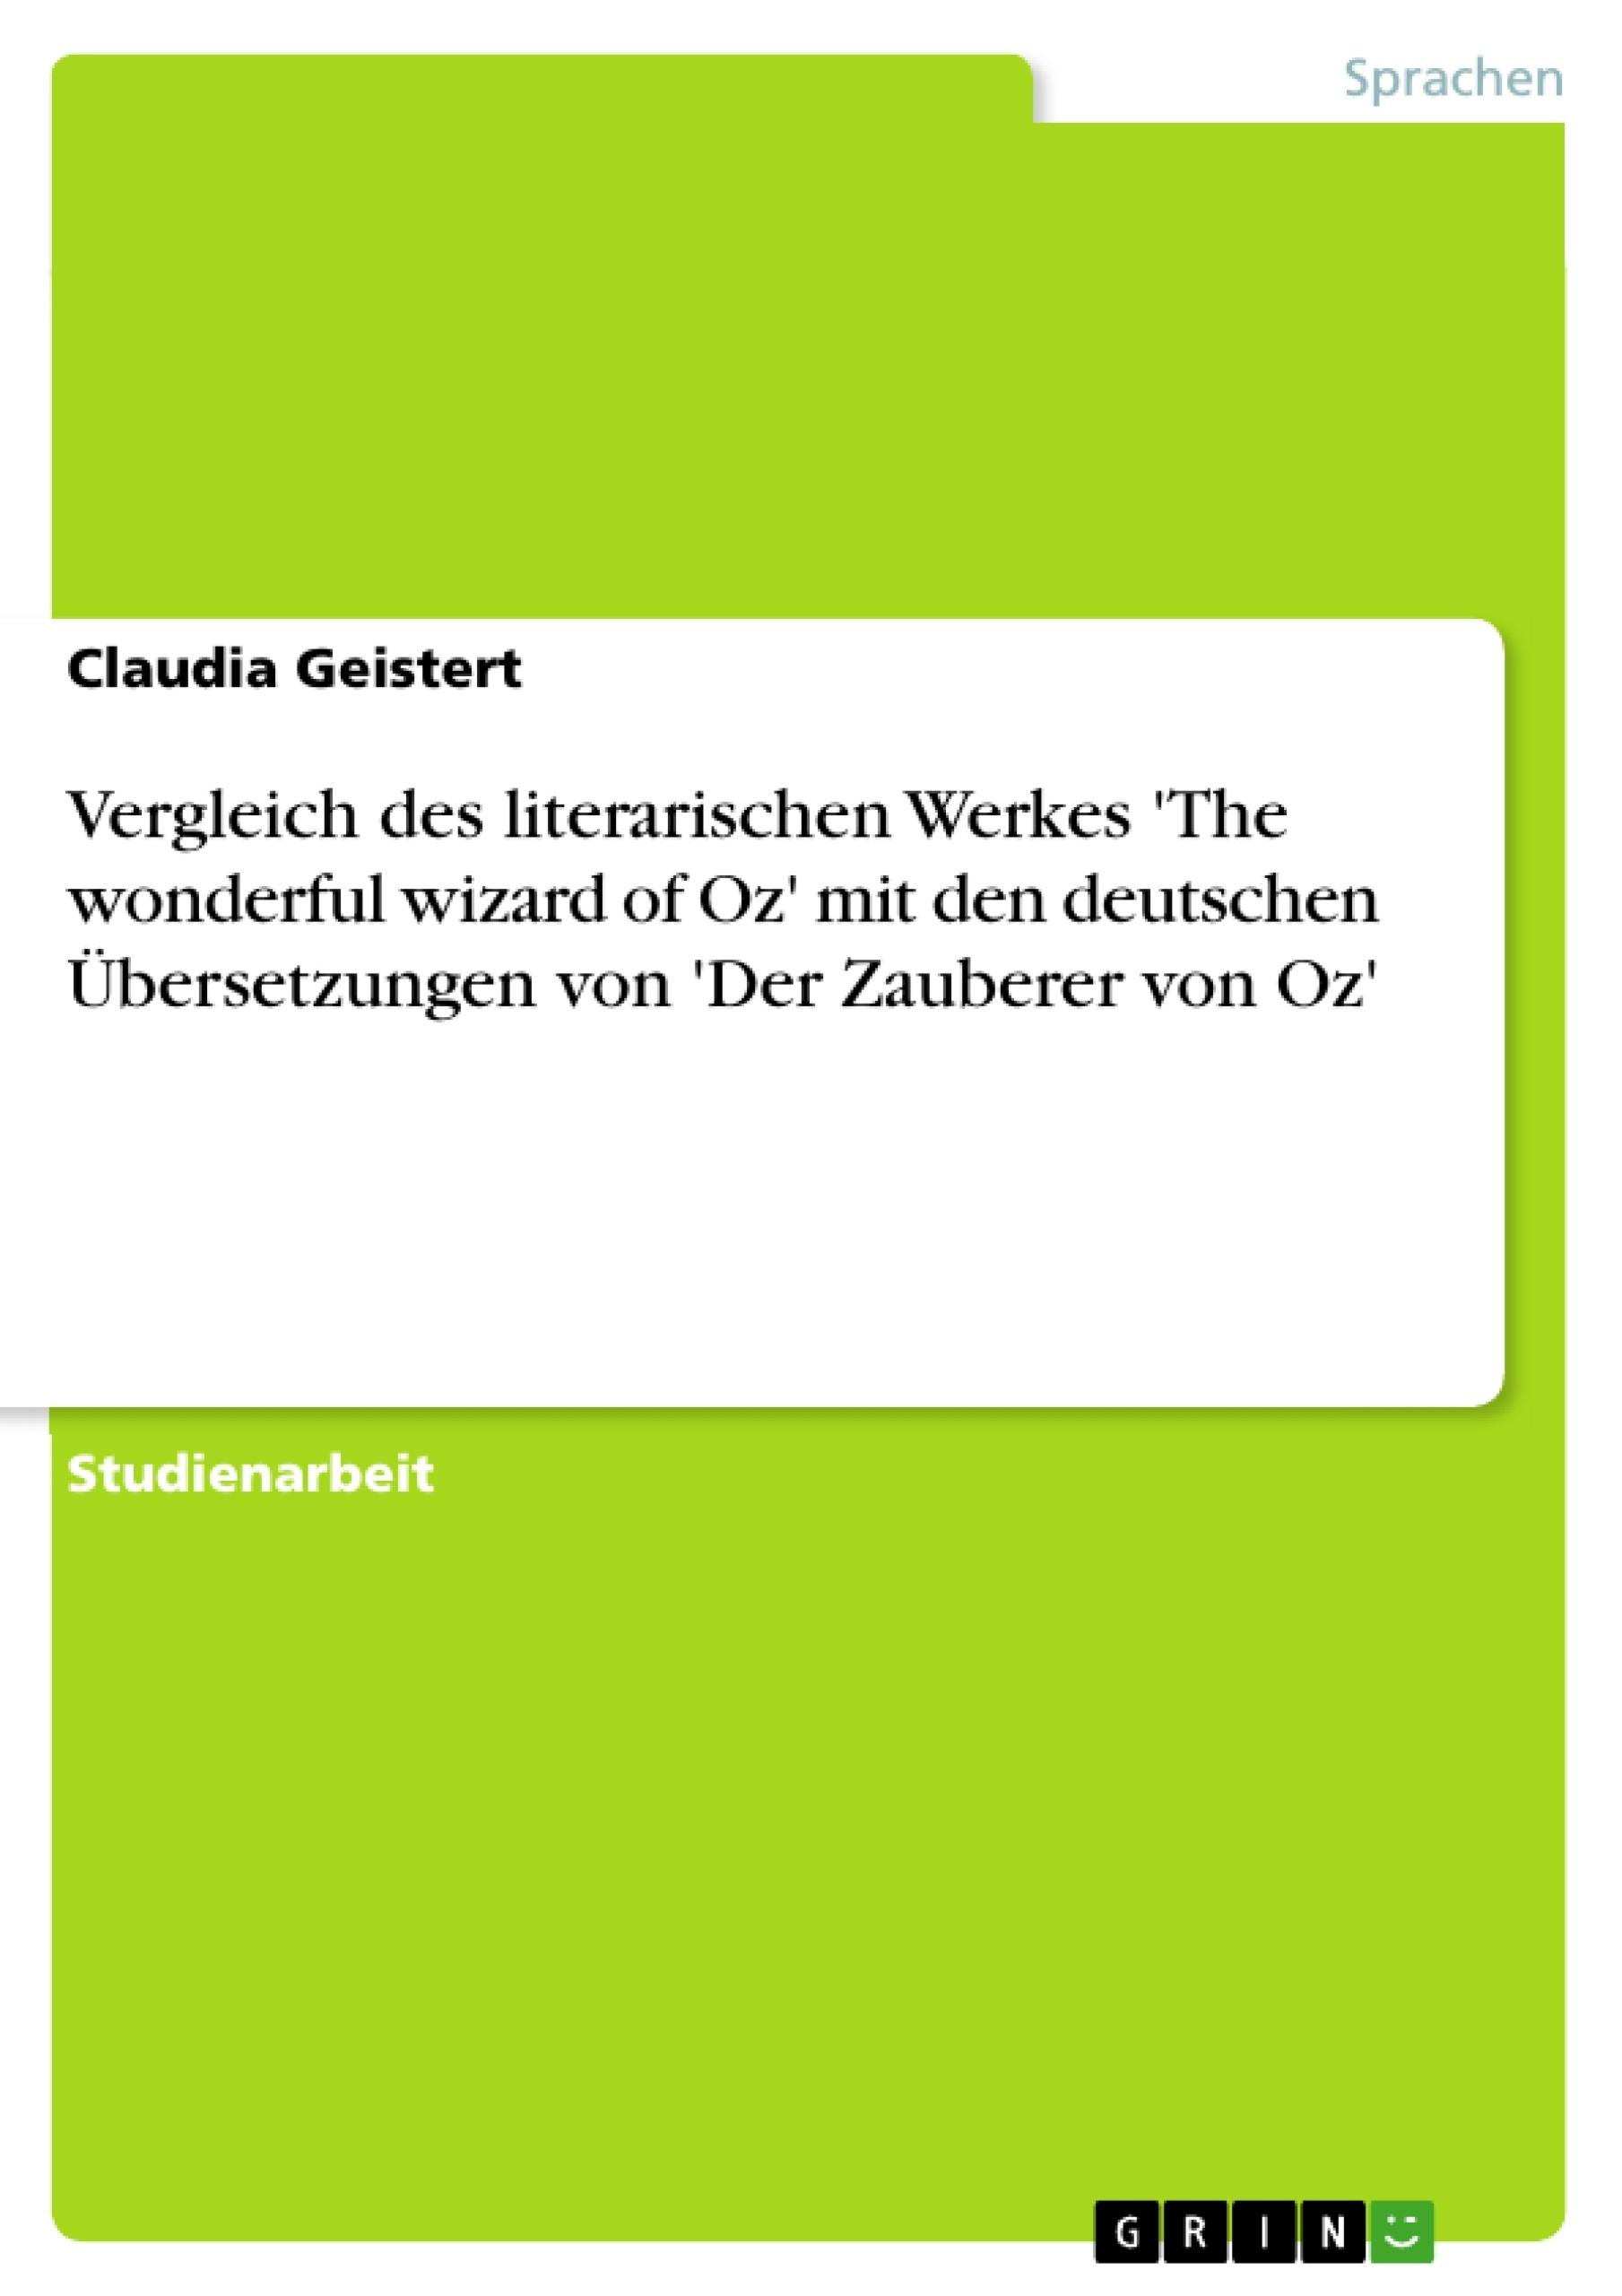 Titel: Vergleich des literarischen Werkes 'The wonderful wizard of Oz' mit den deutschen Übersetzungen von 'Der Zauberer von Oz'